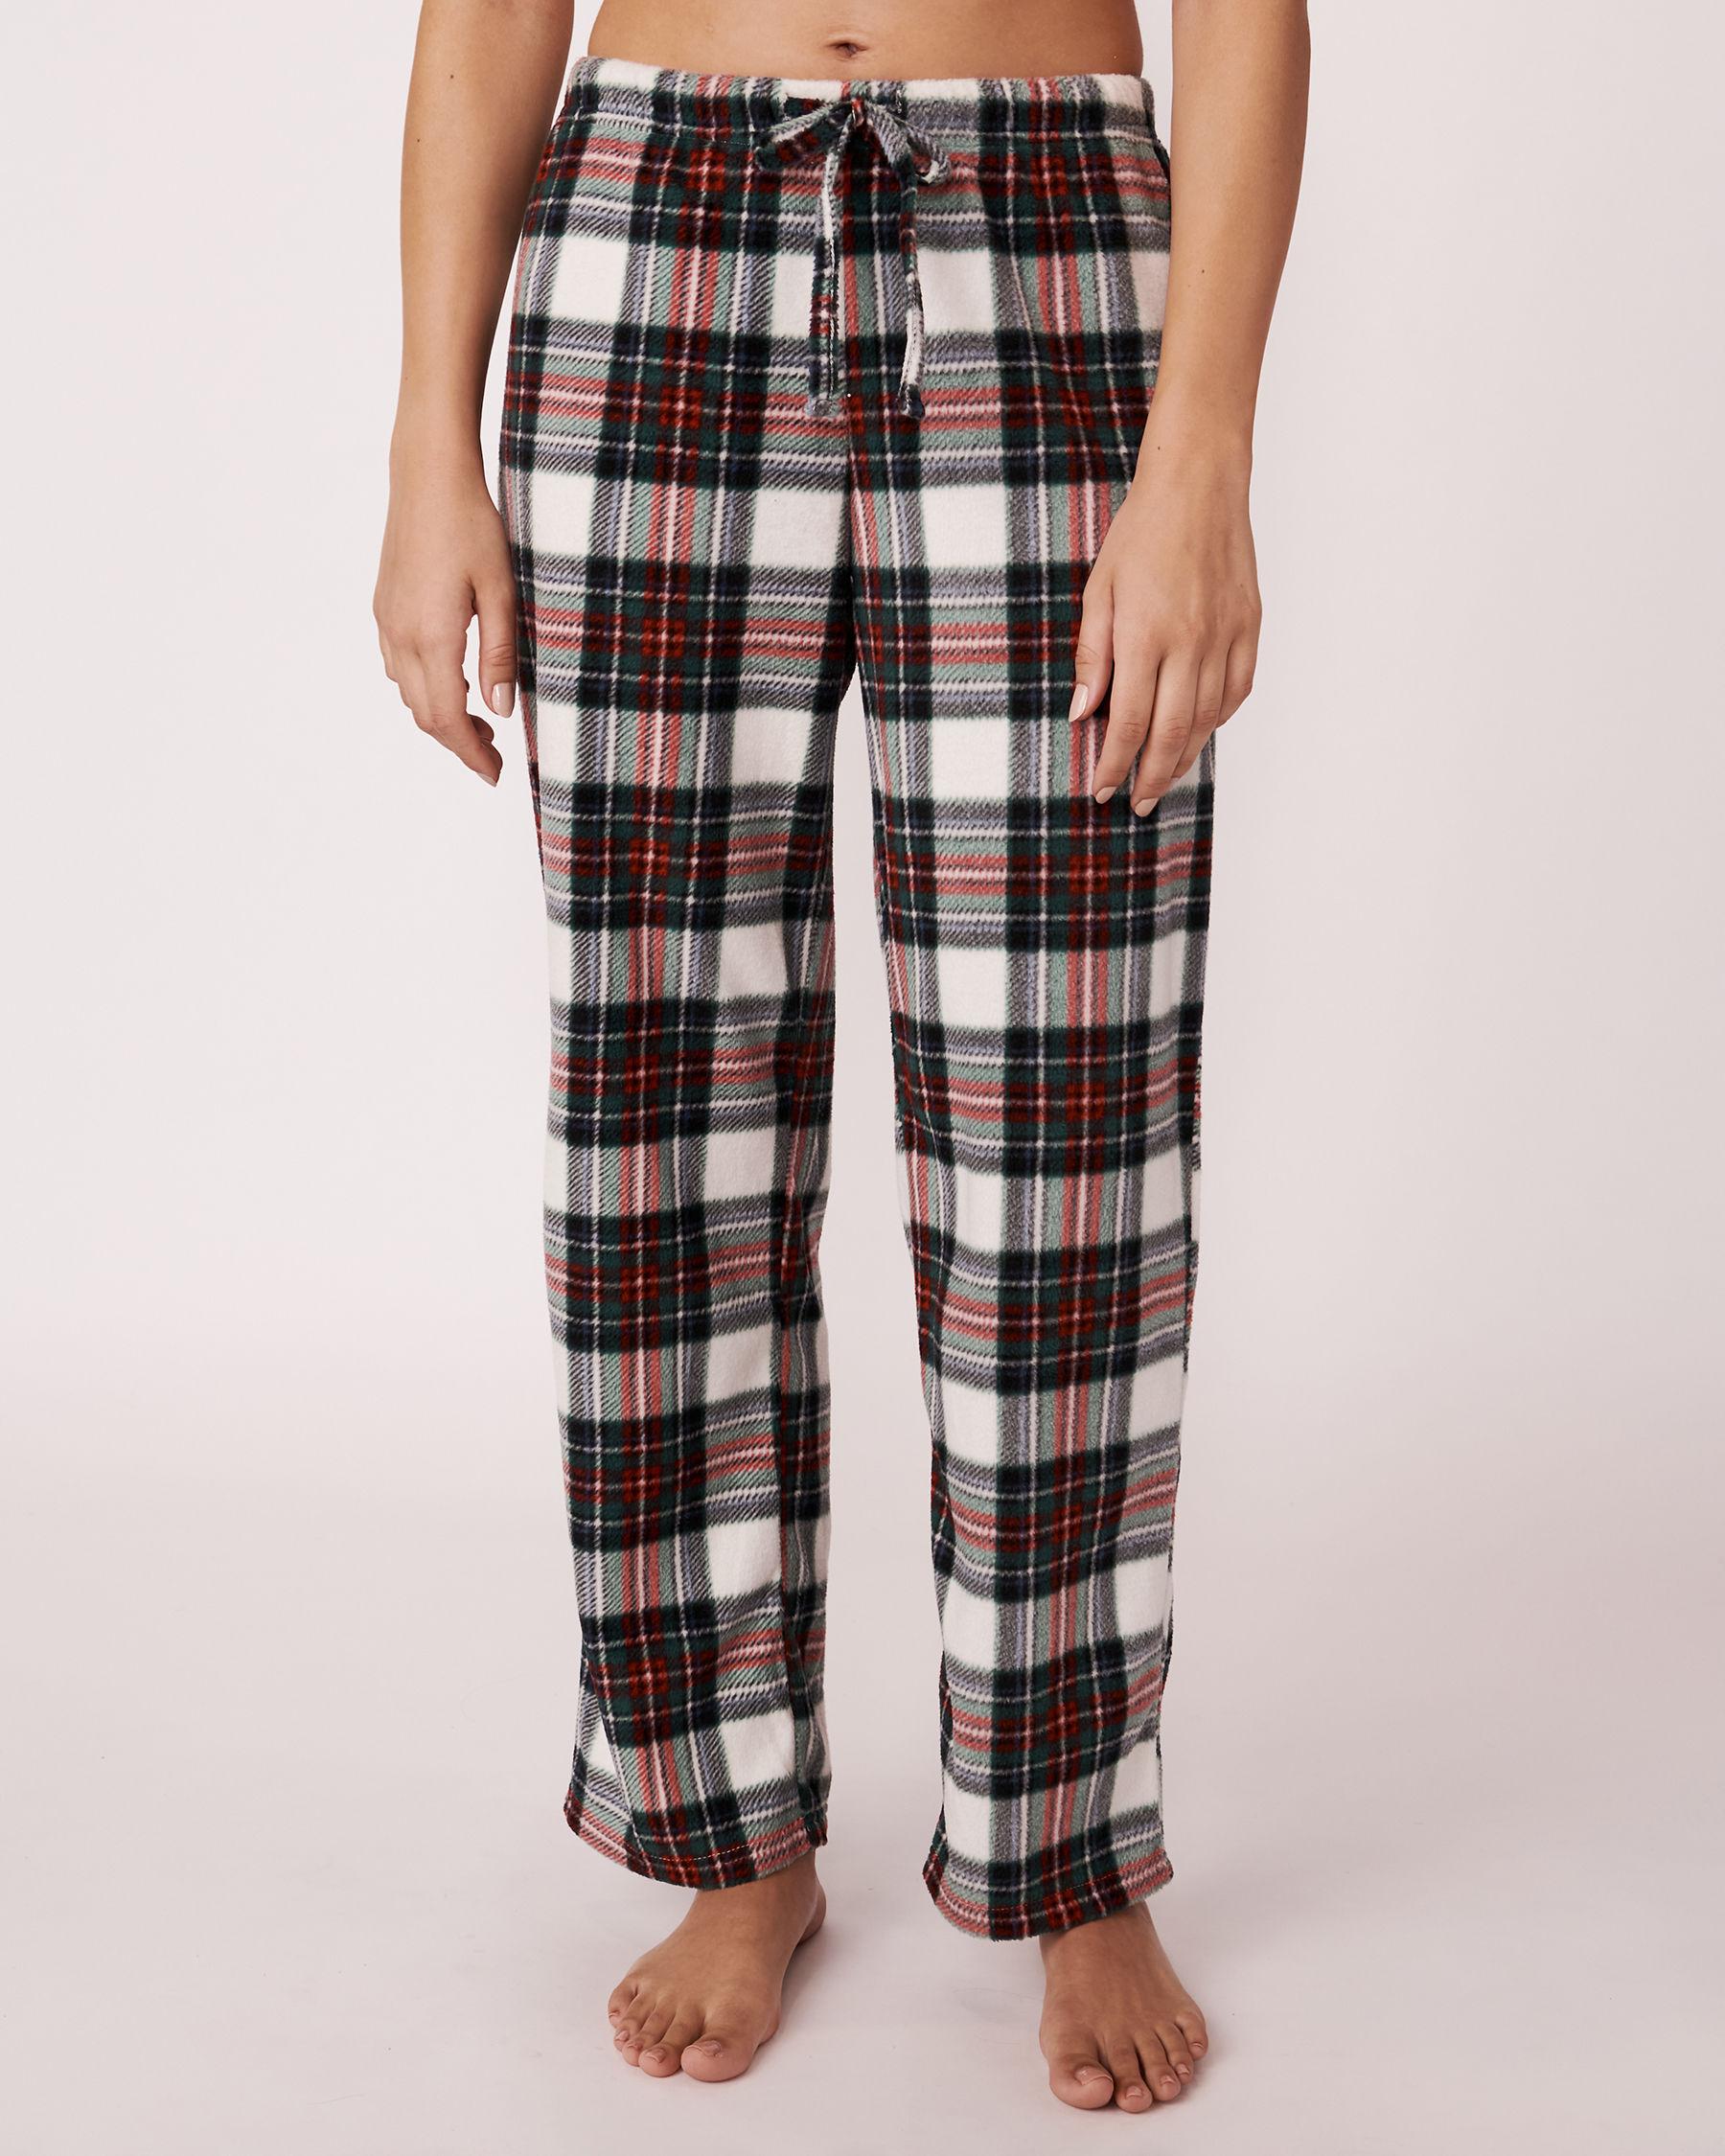 LA VIE EN ROSE Ensemble pyjama en micropolaire Tartan blanc 263-310-0-09 - Voir4